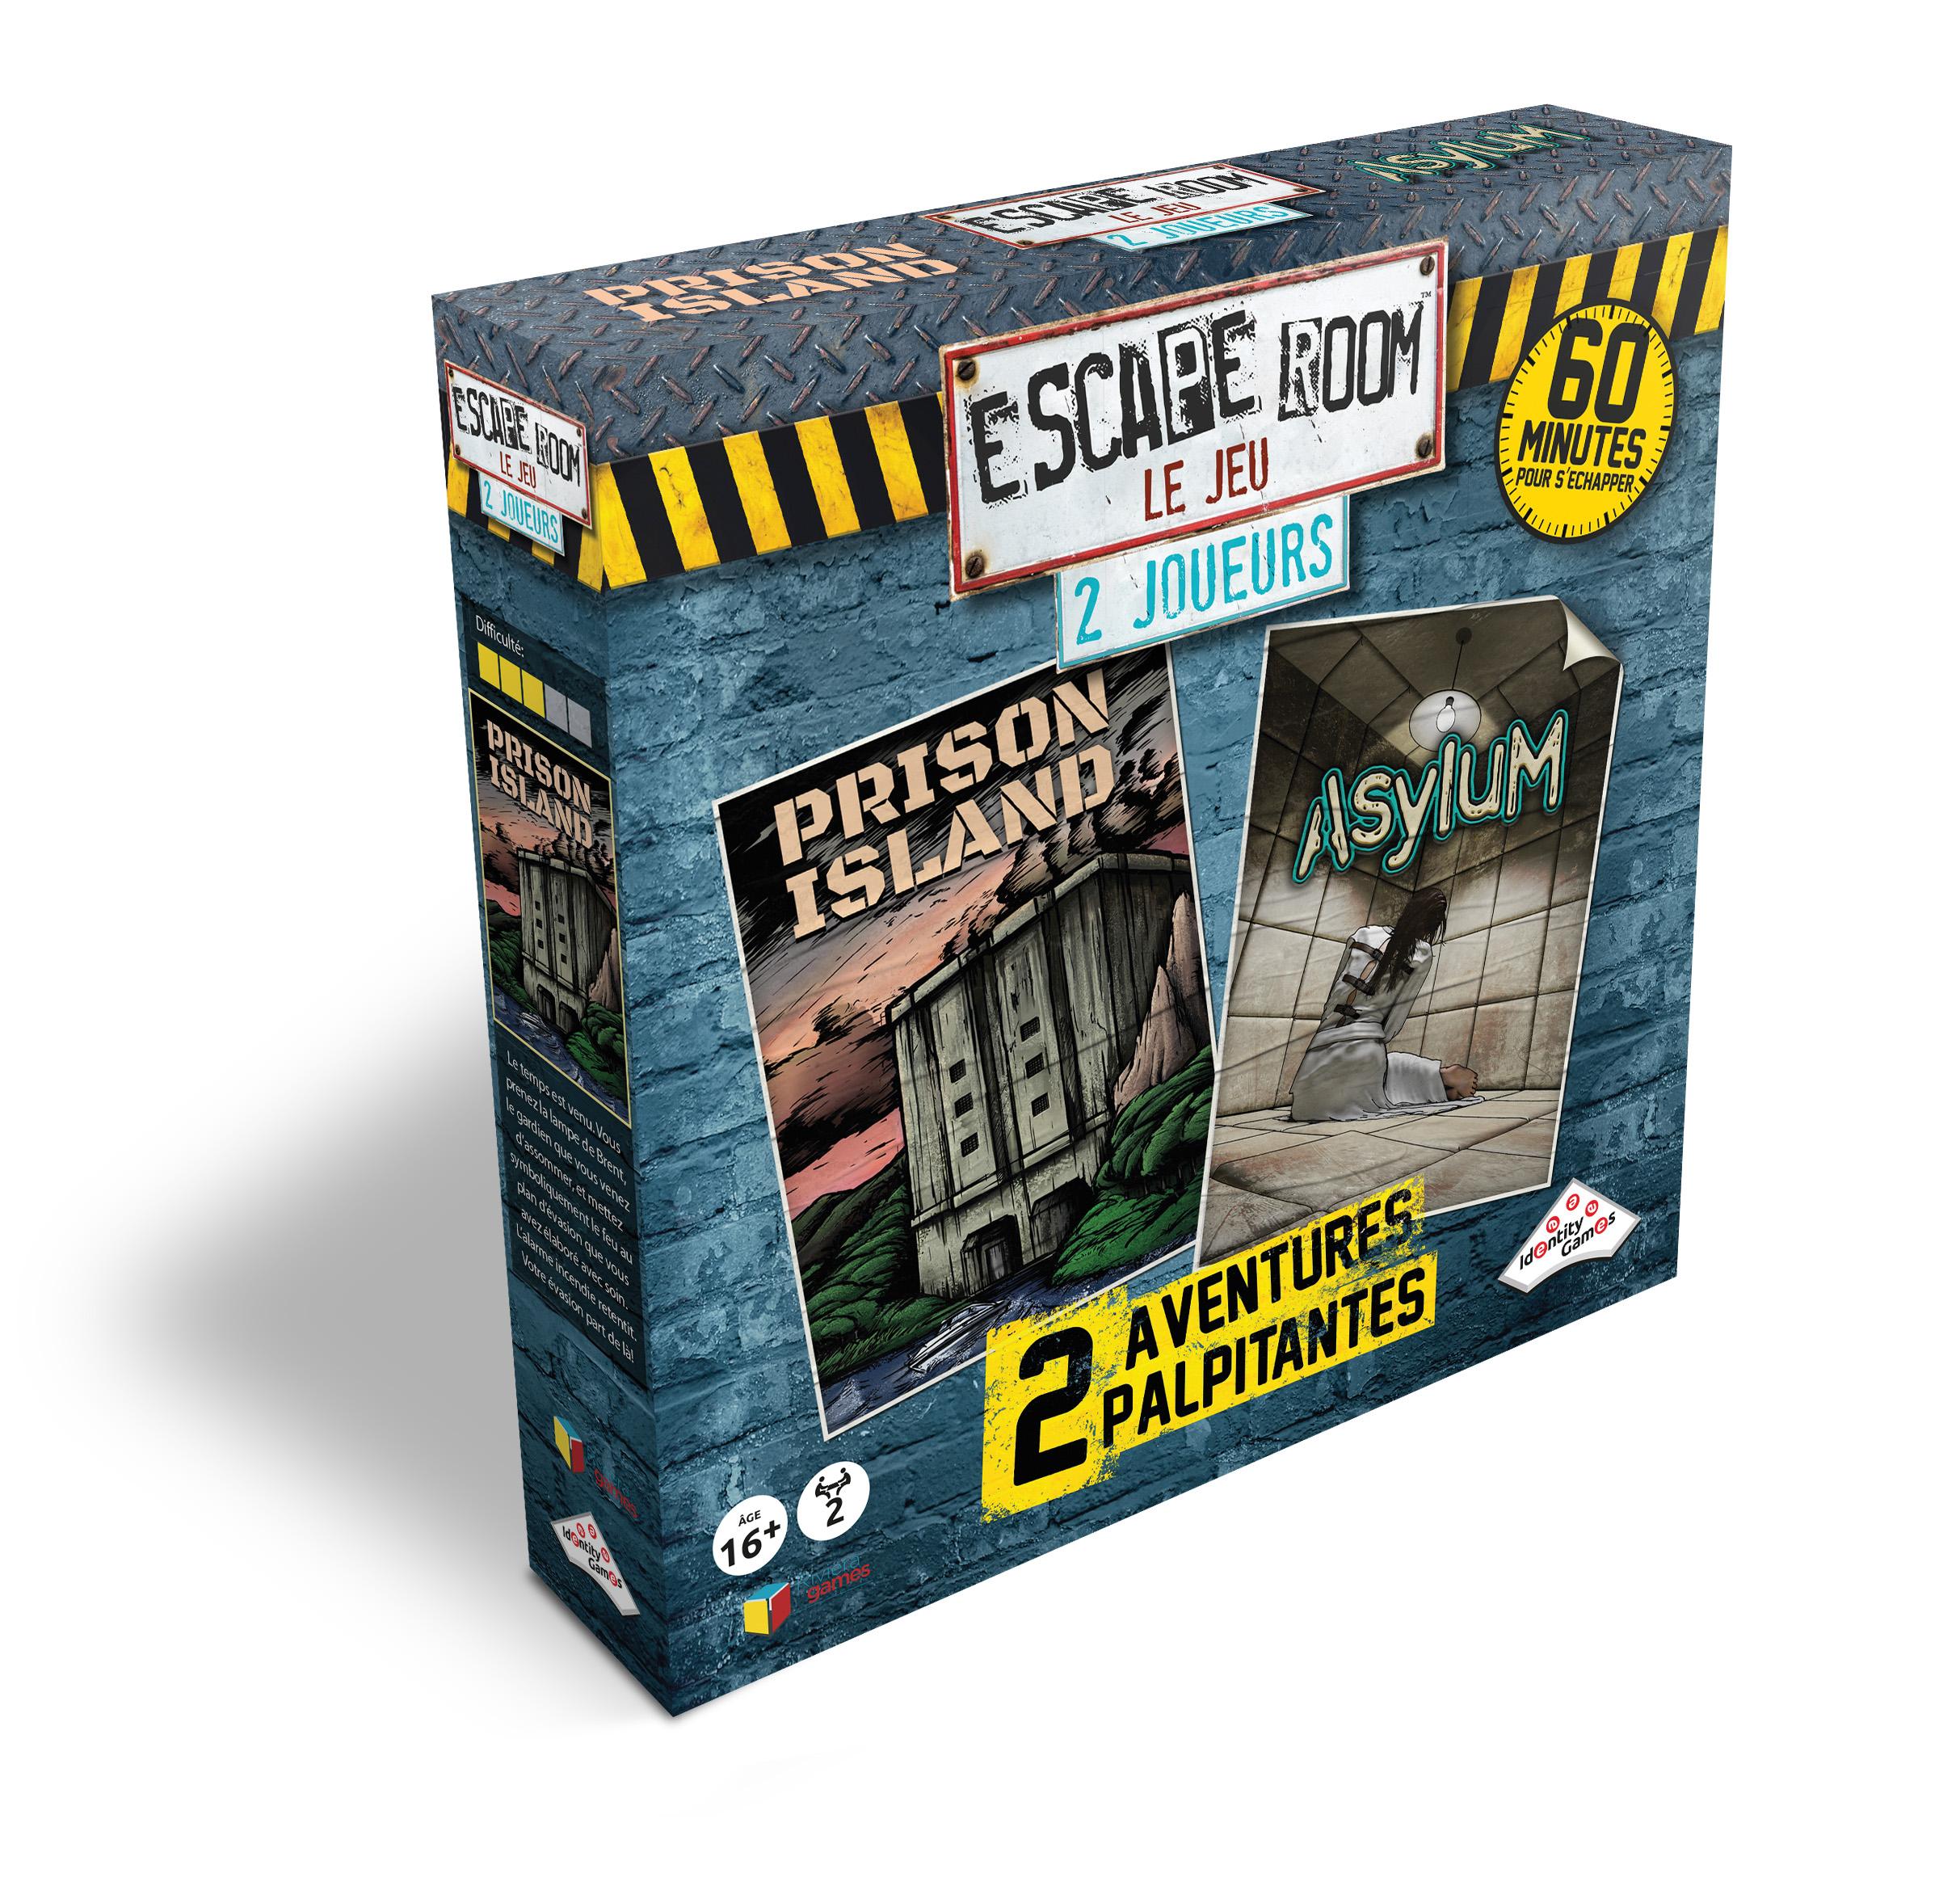 5073 Escape-Coffret2joueurs